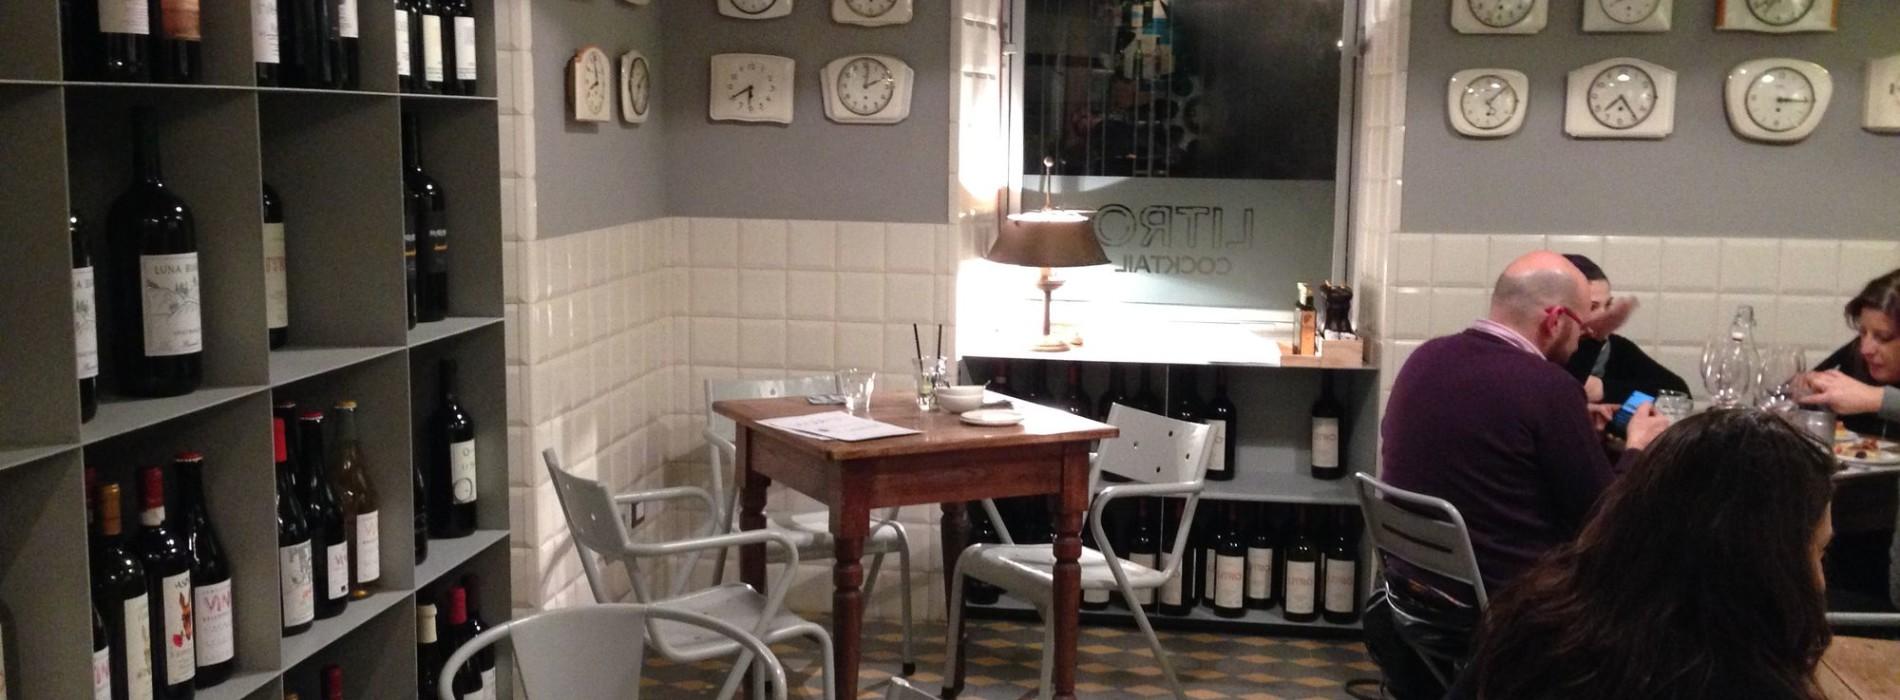 Vineria Litro a Roma: vini naturali, mezcal, competenza e qualità